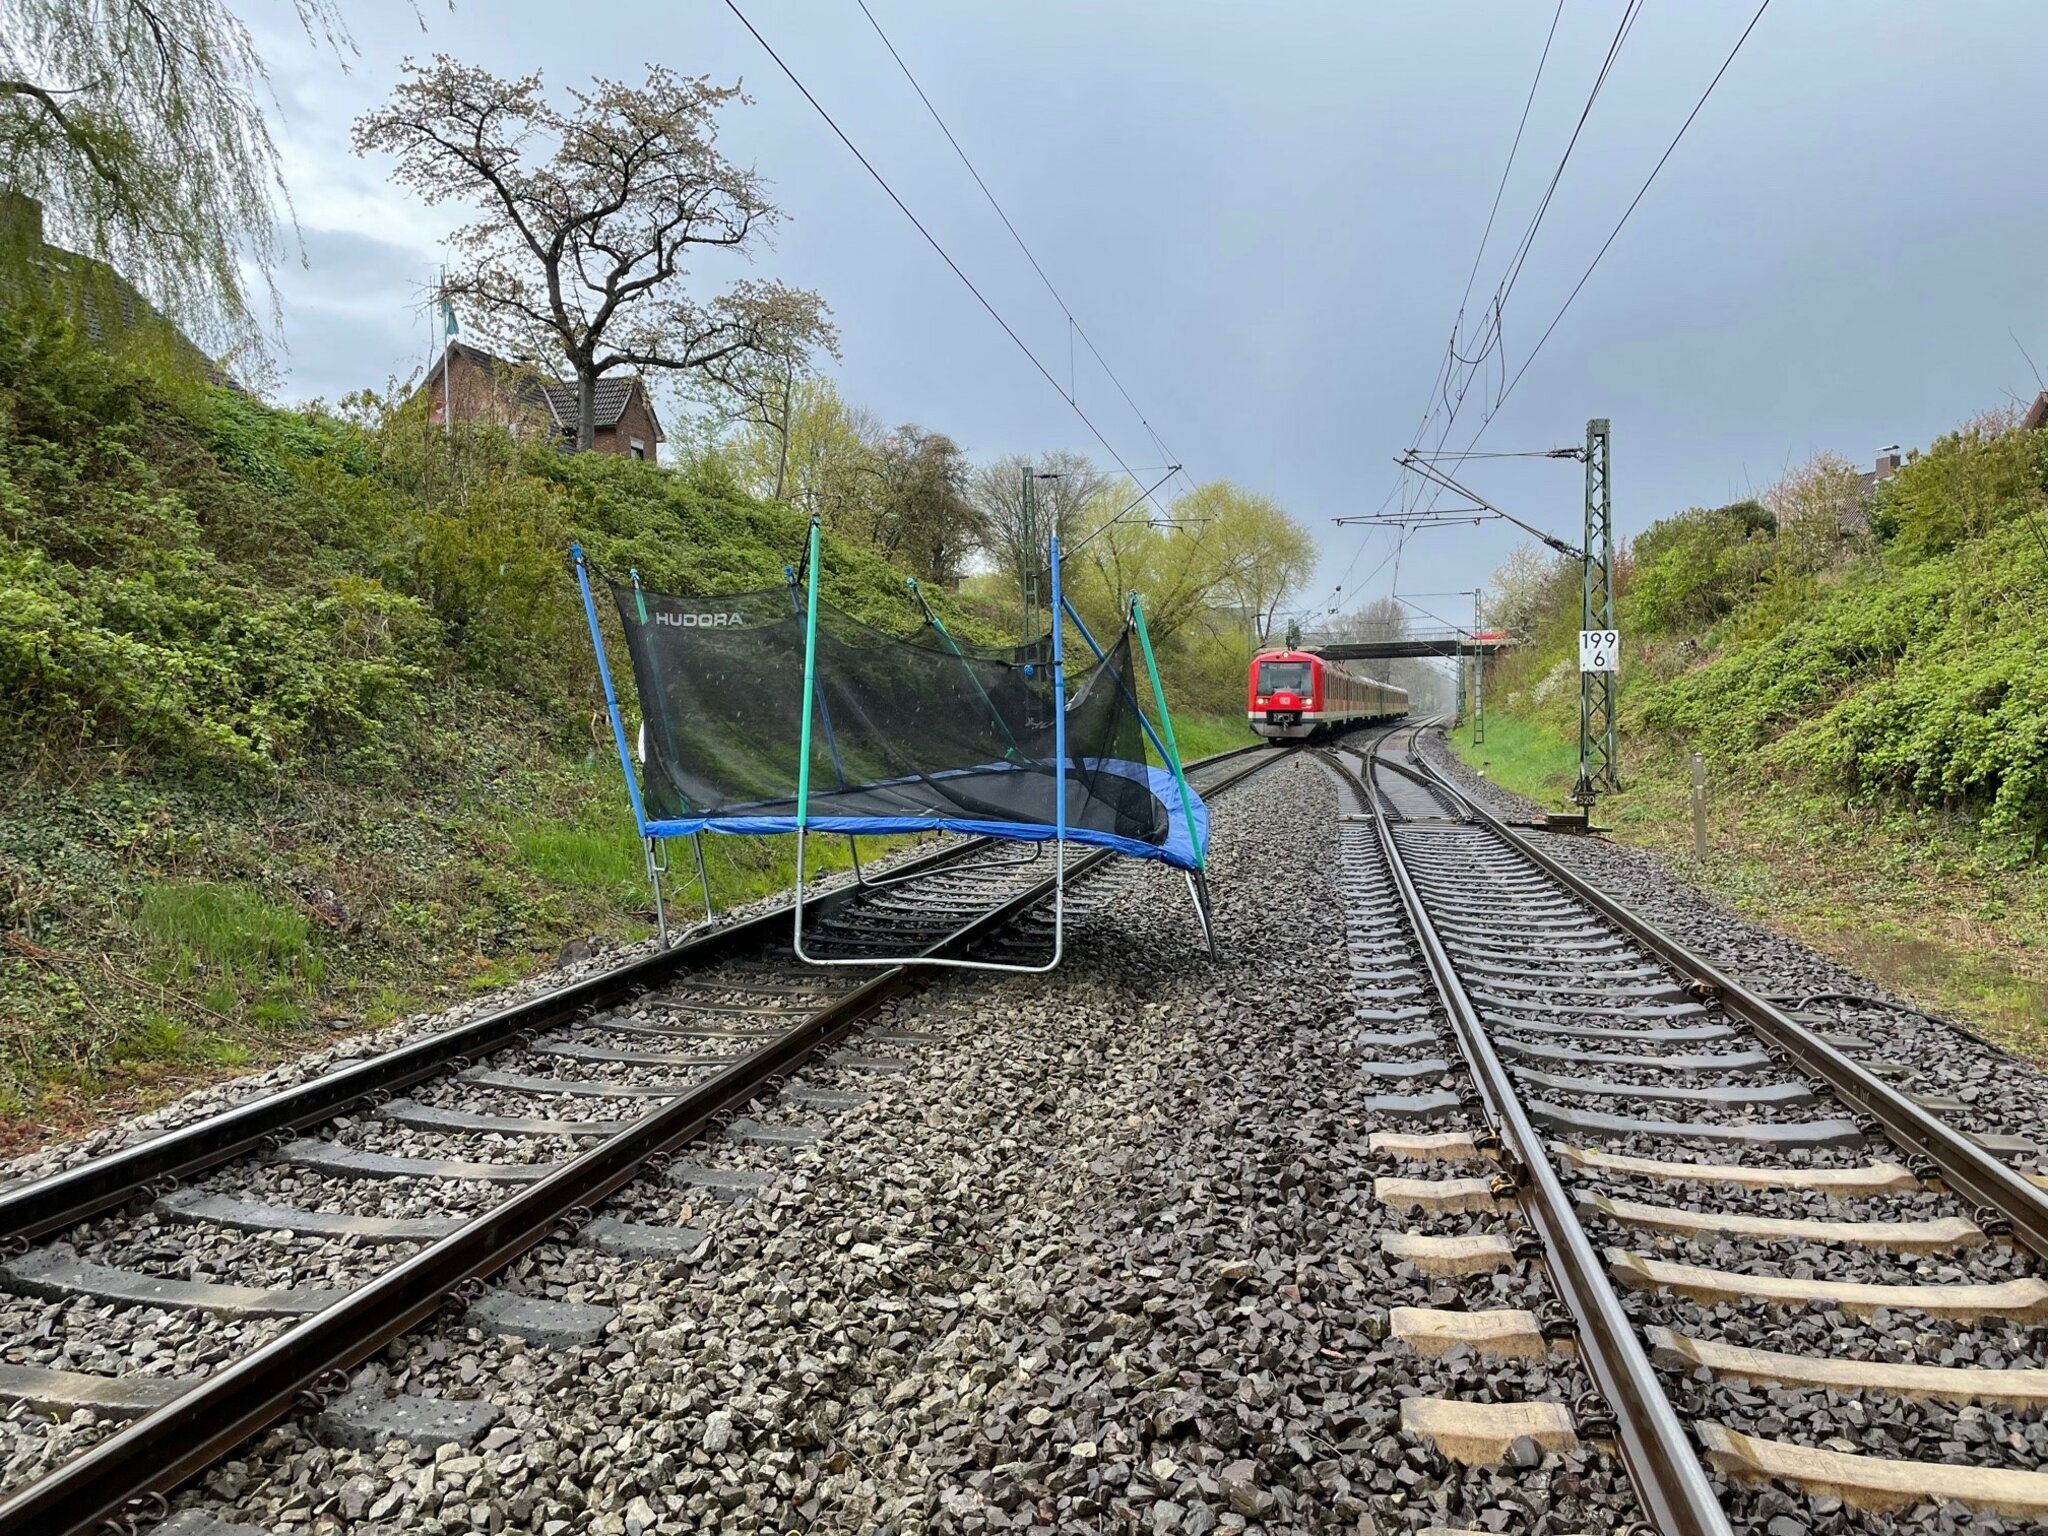 Zwangsstopp für S-Bahn bei Horneburg                                                                  Trampolin auf Gleise geweht